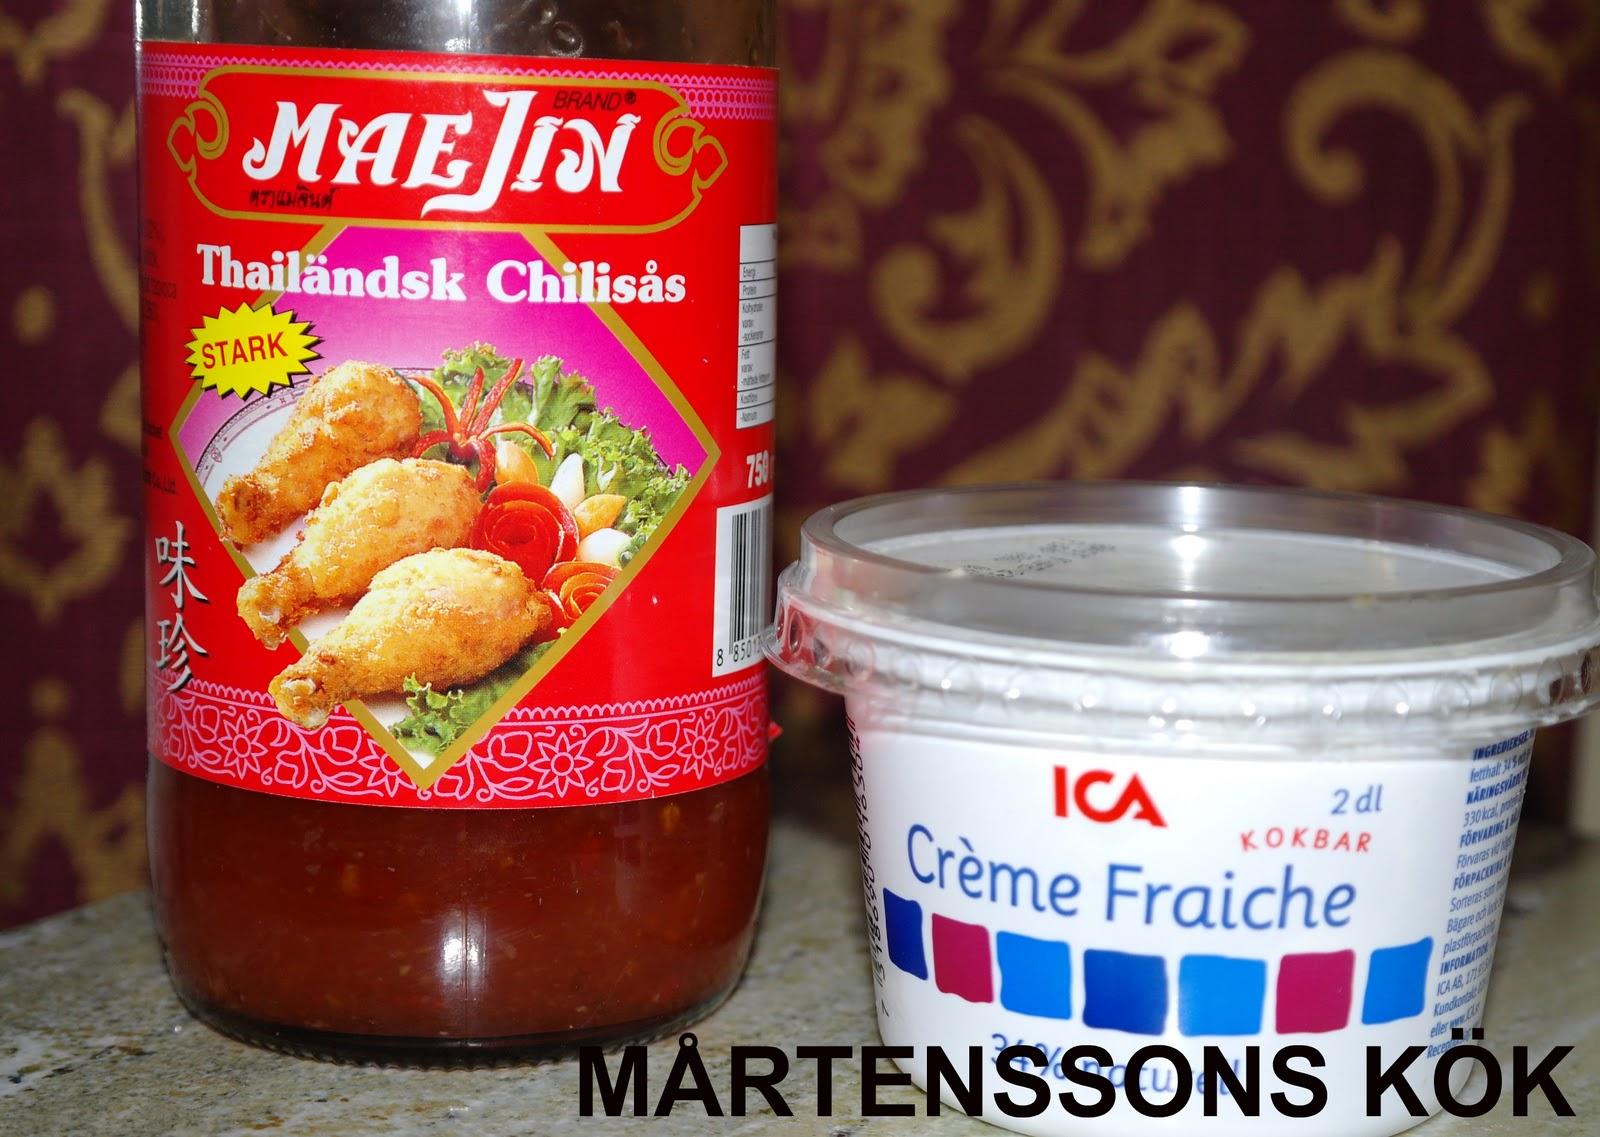 sweet chilisås creme fraiche